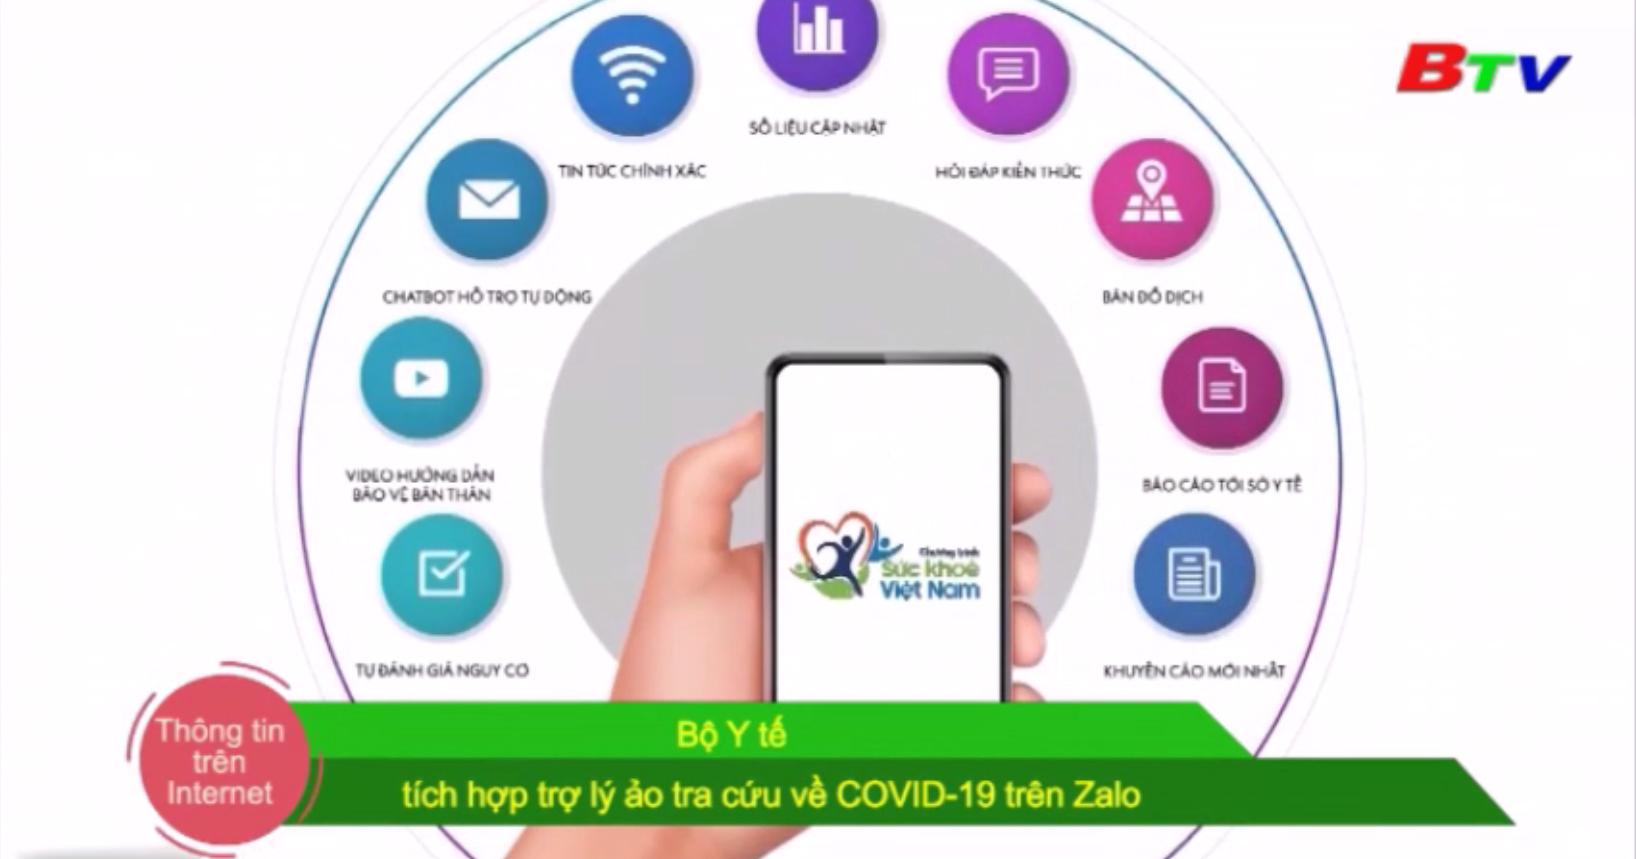 Bộ Y tế tích hợp trợ lý ảo tra cứu về COVID-19 trên Zalo